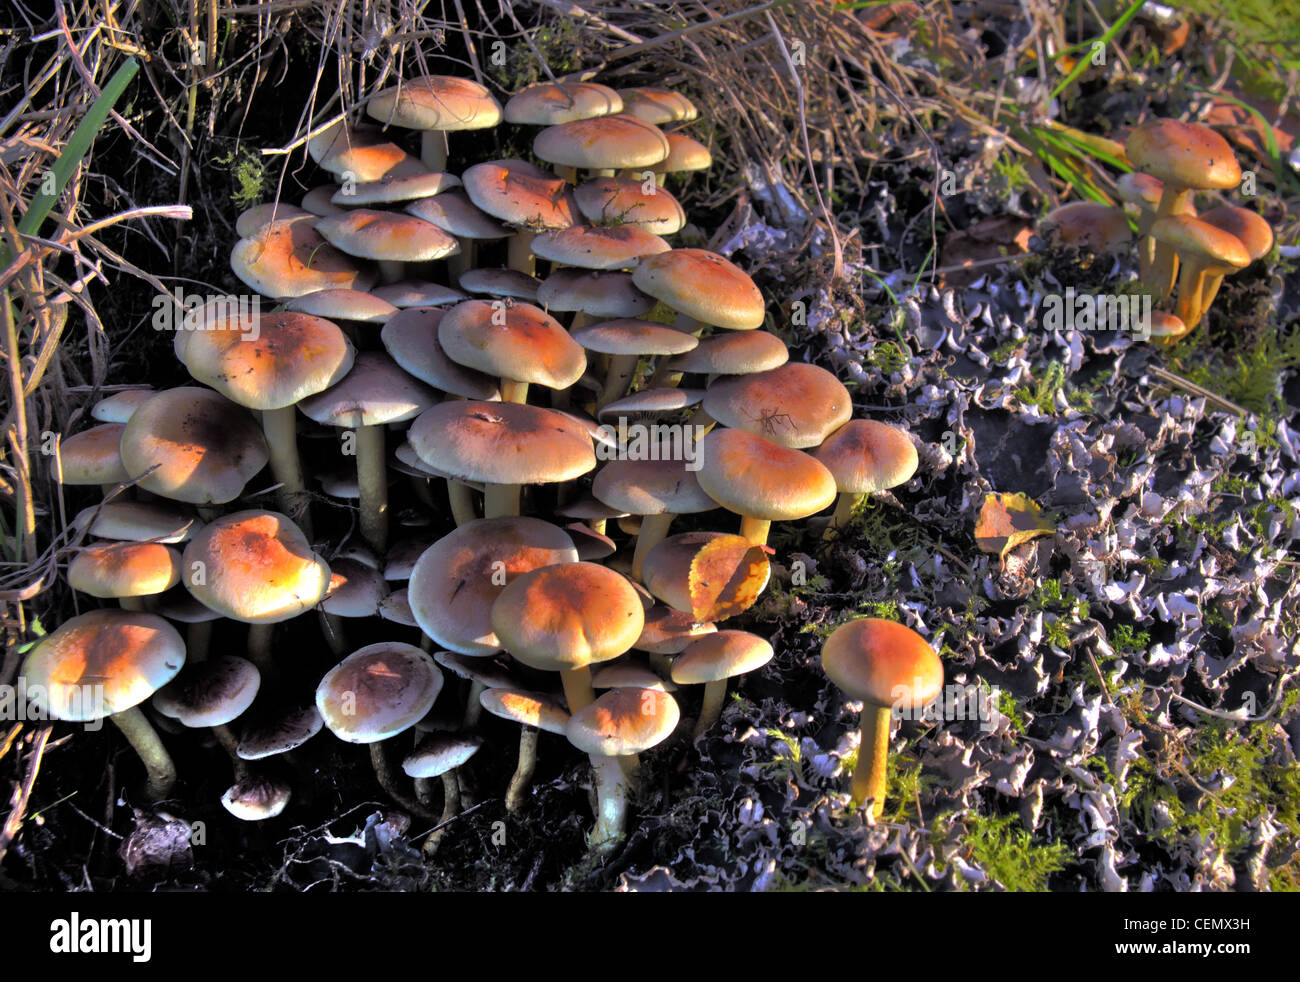 Laden Sie dieses Alamy Stockfoto Sulphur Tuft Pilze bei Grappenhall Hays ummauerten Garten, South Warrington, Cheshire, UK. Boden Sie liegend Herbst, tiefstehende Sonne Herbst - CEMX3H